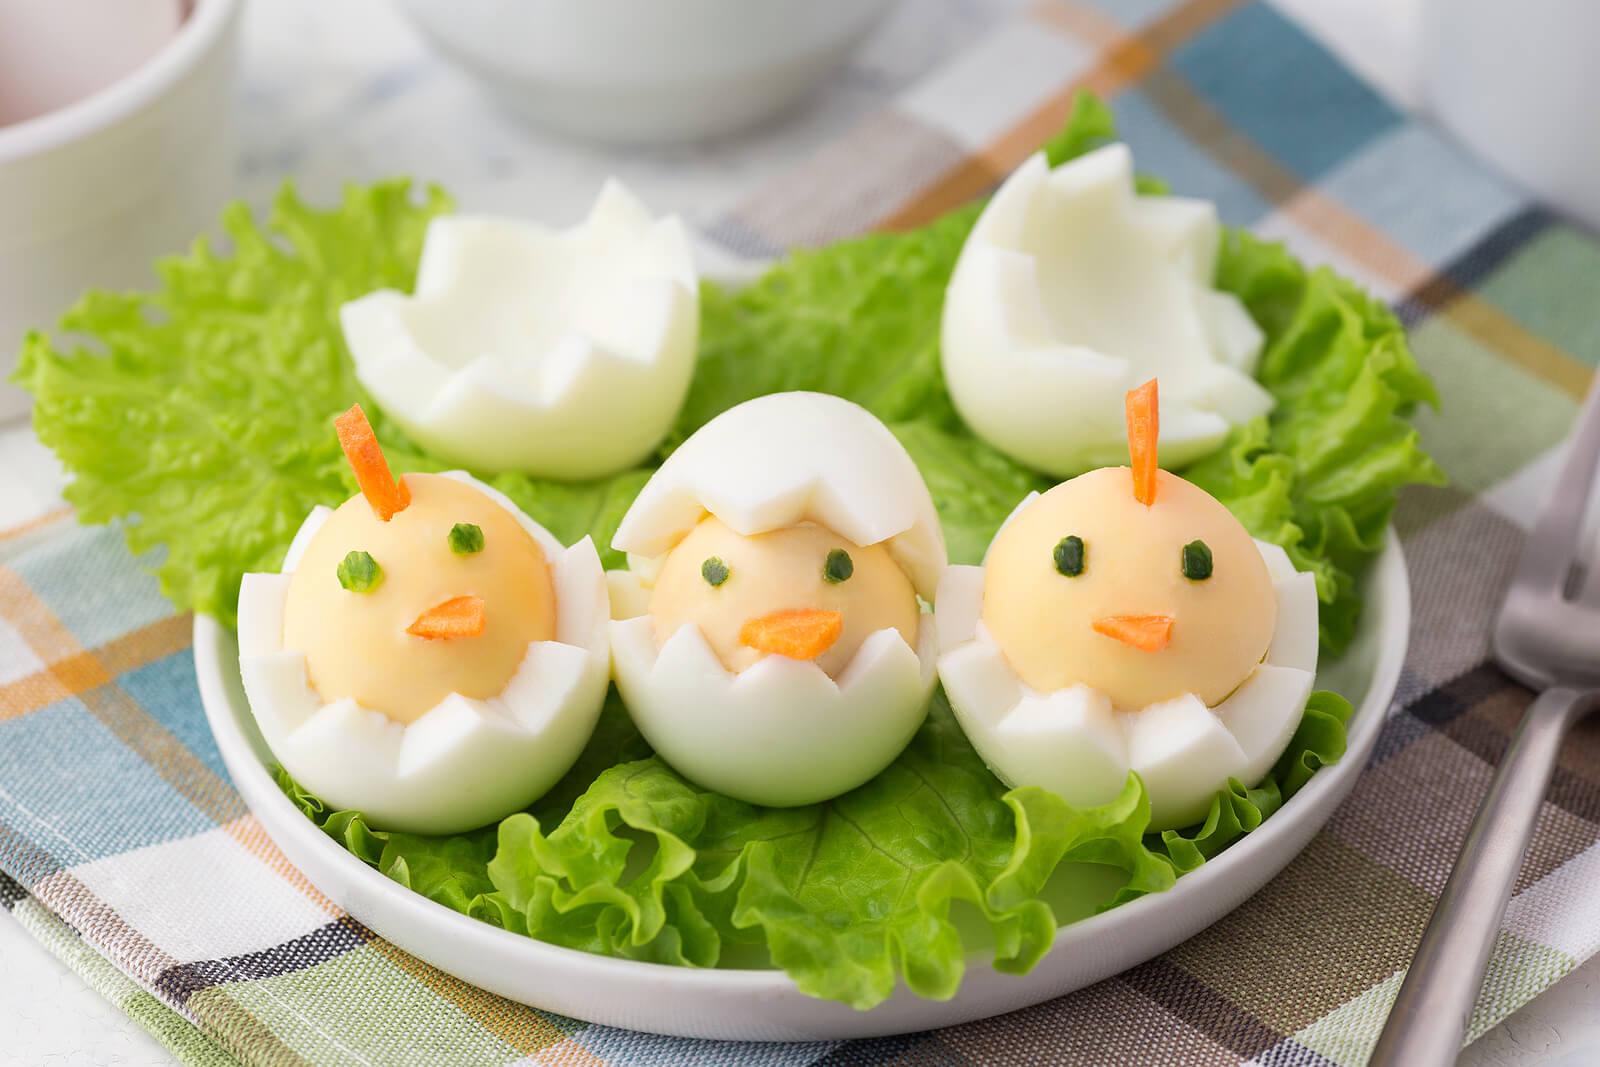 Huevos cocidos con forma de pollito.